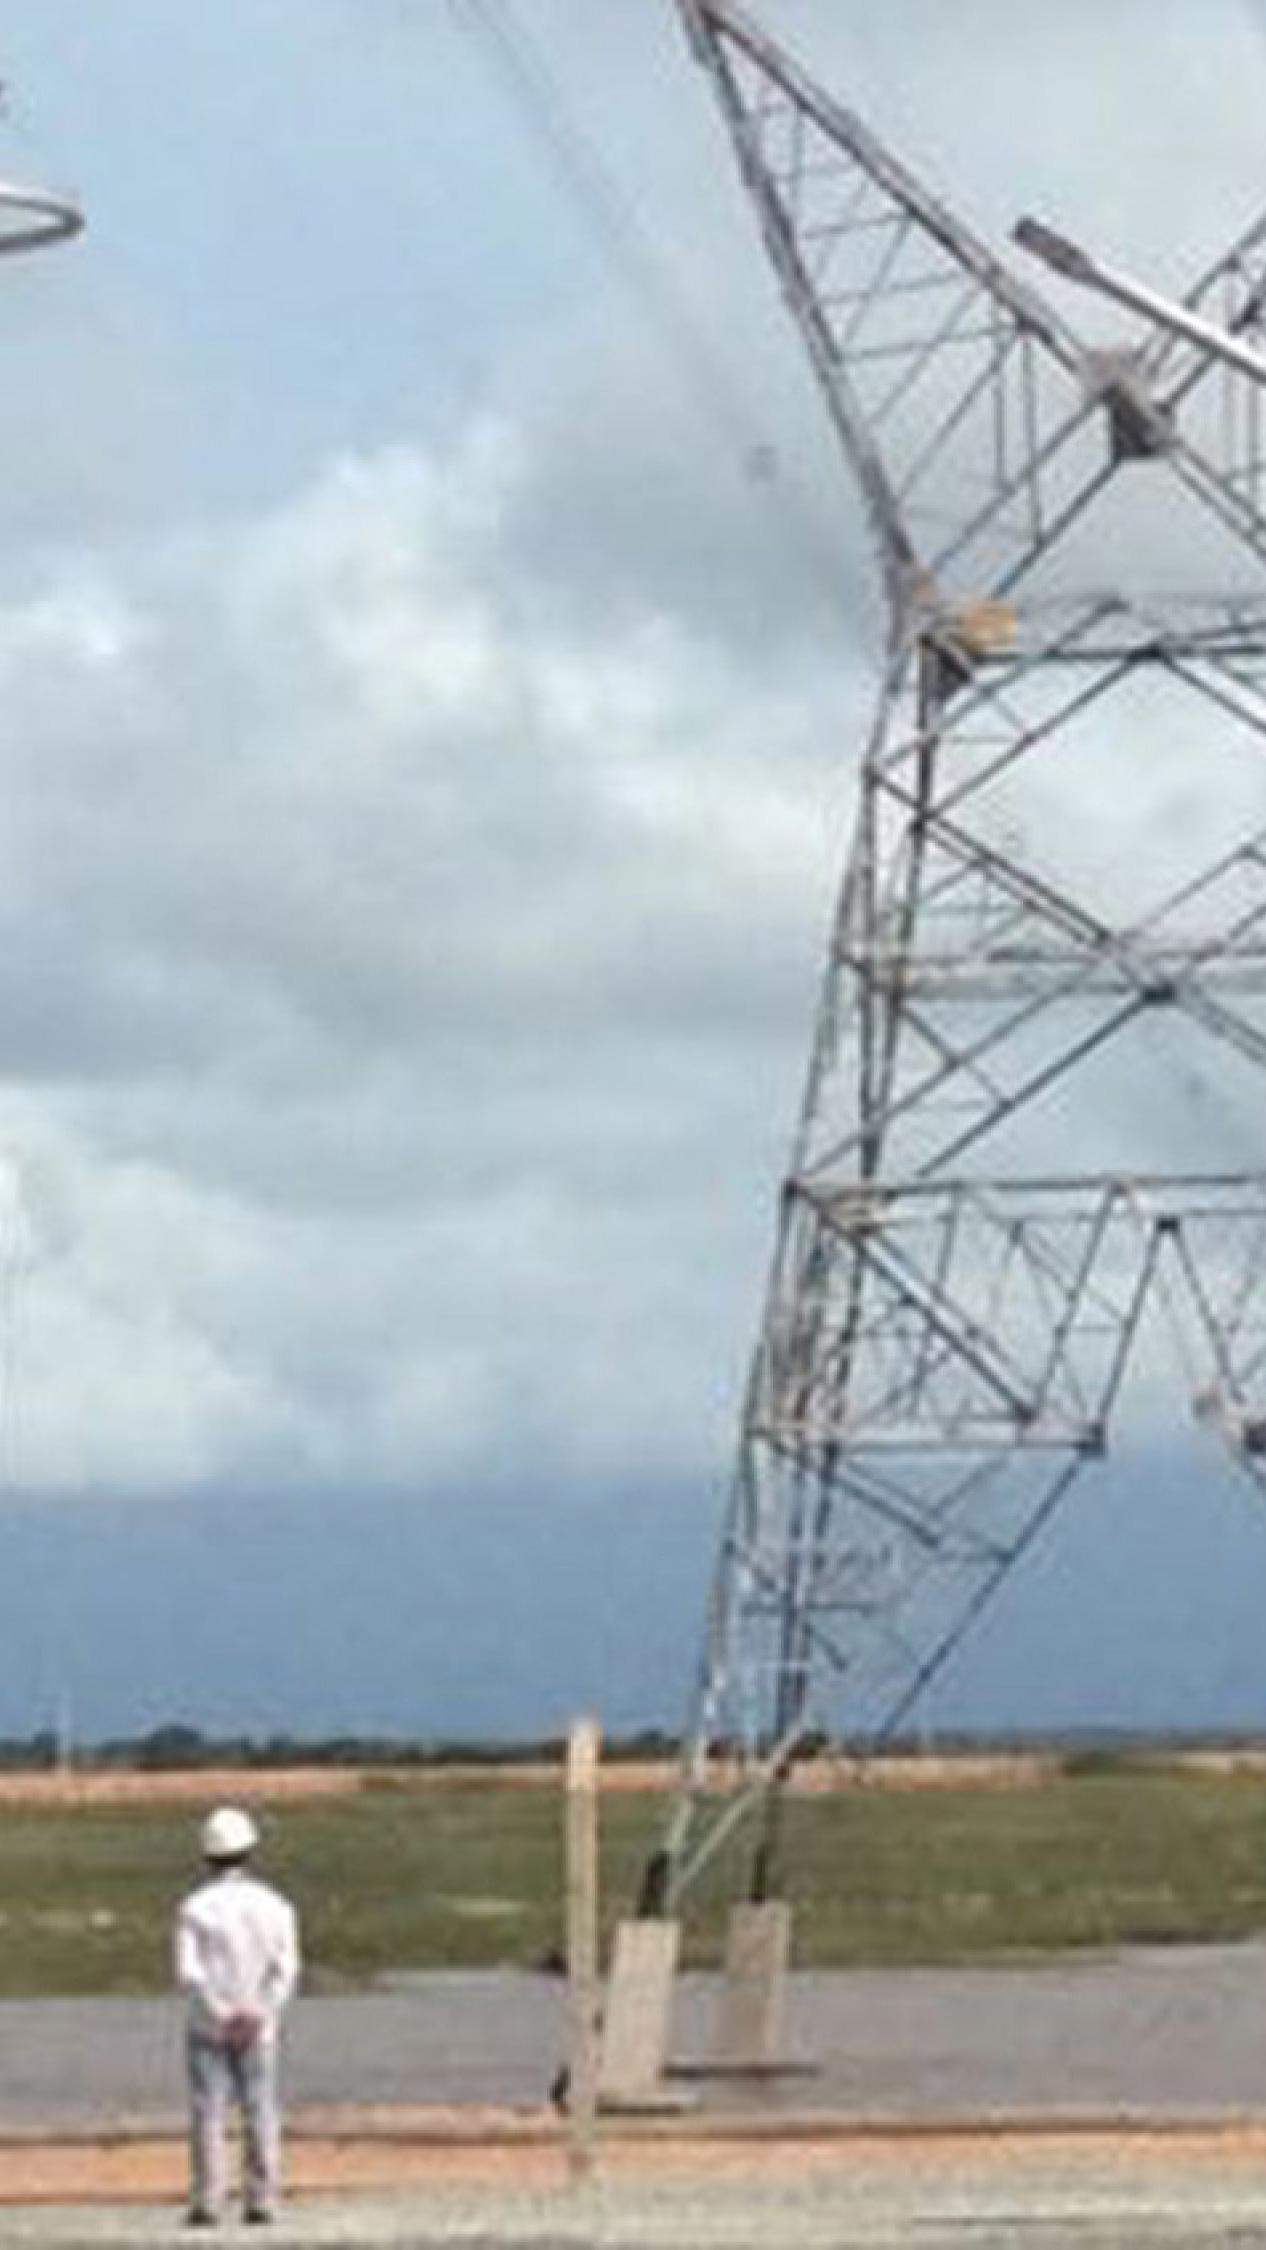 uploads/pics/https://www.steag.com.br/uploads/pics/200803_STE_Header_Energy_Services_Brasil2_9-16.jpg